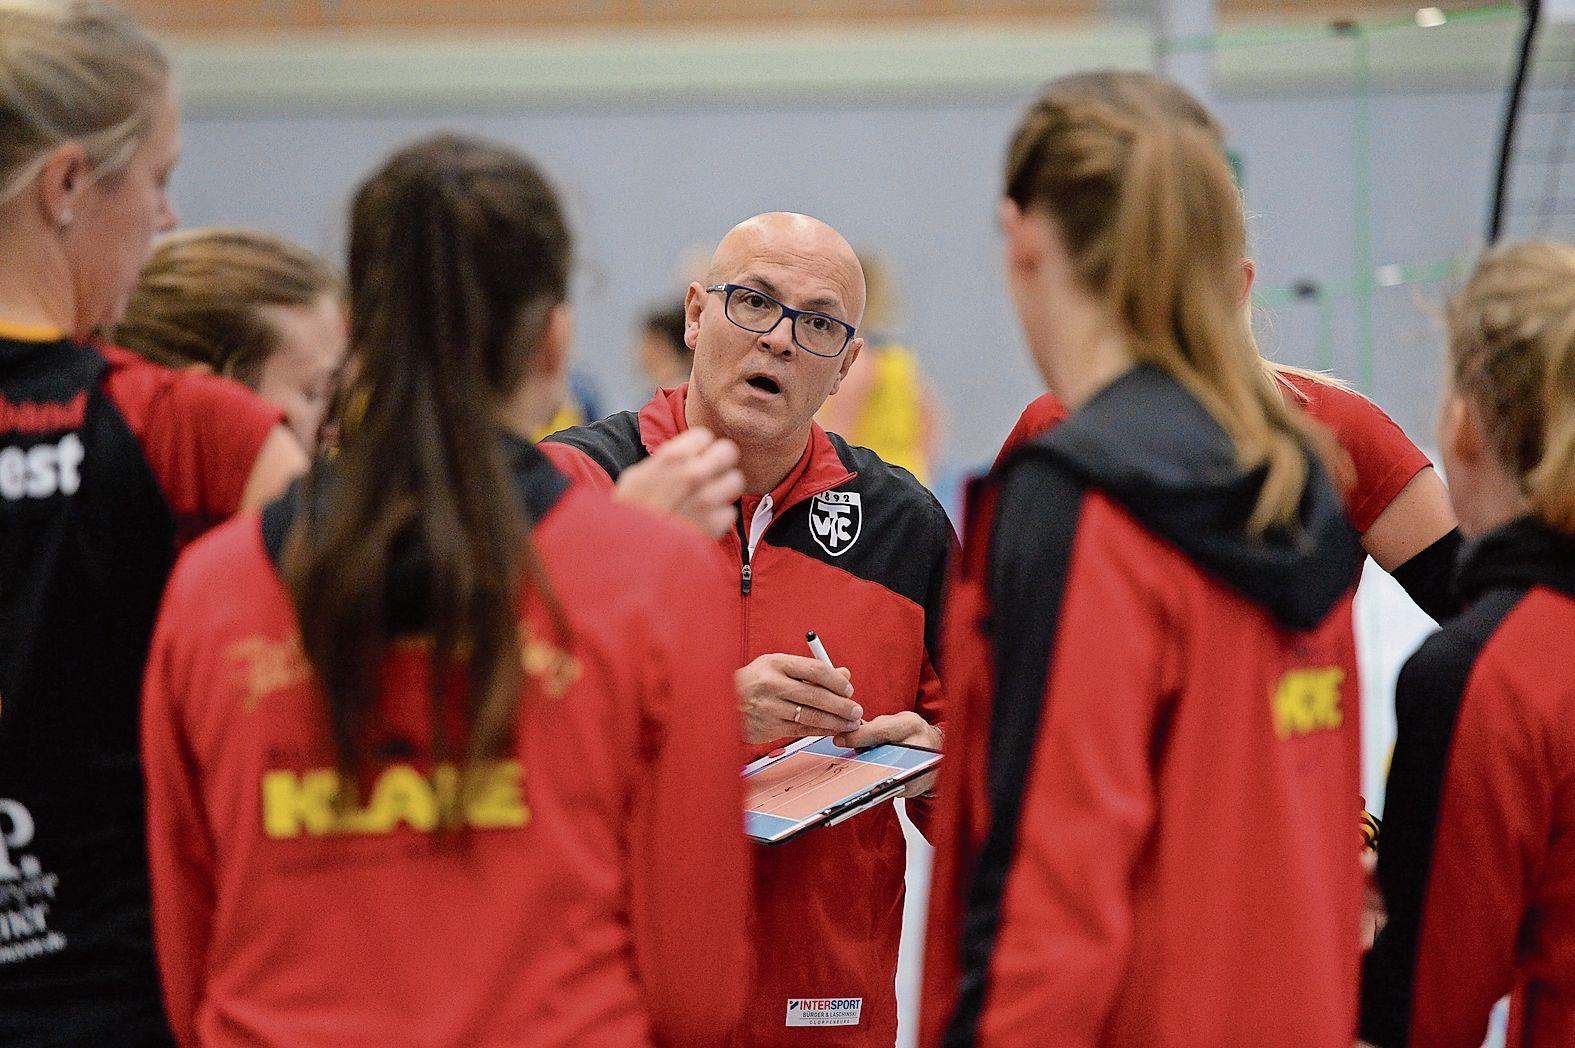 Planungen für die nächste Saison: Trainer Tomislav Ristoski schraubt am Cloppenburger Drittligakader, mit dem er in die Punktspielserie 2021/2022 gehen will. Foto: Langosch